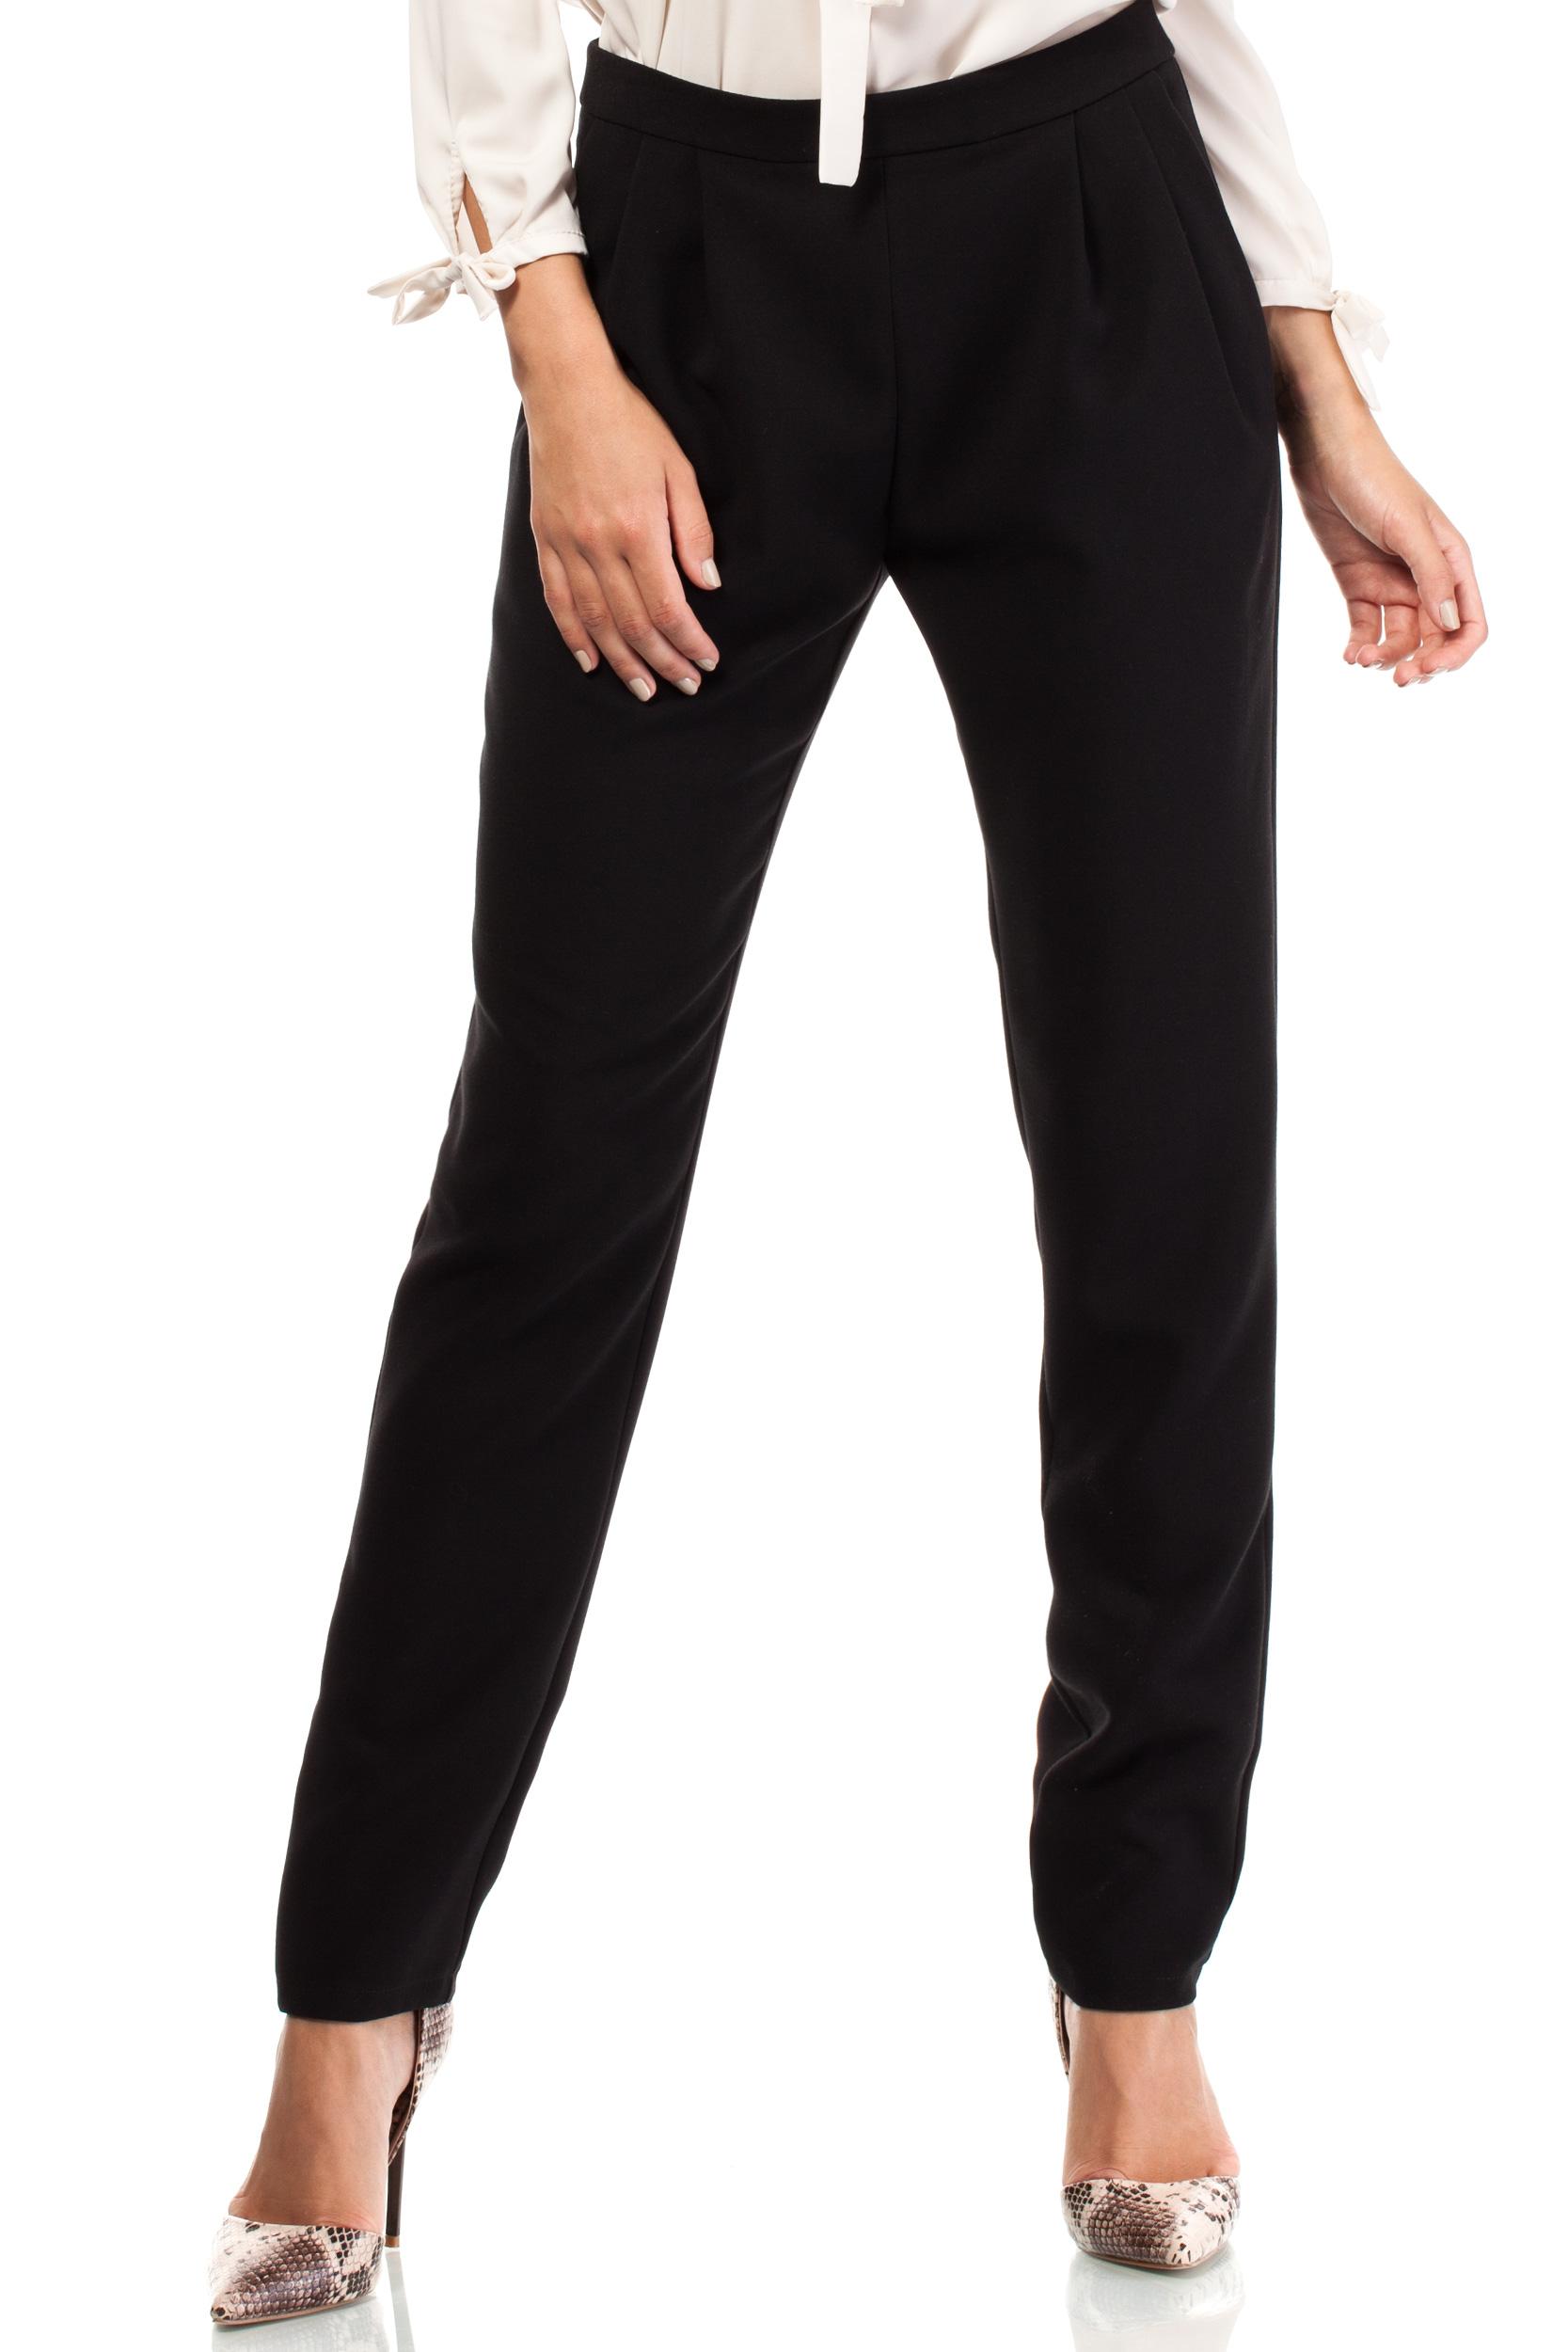 Dámské kalhoty model 44558 Moe